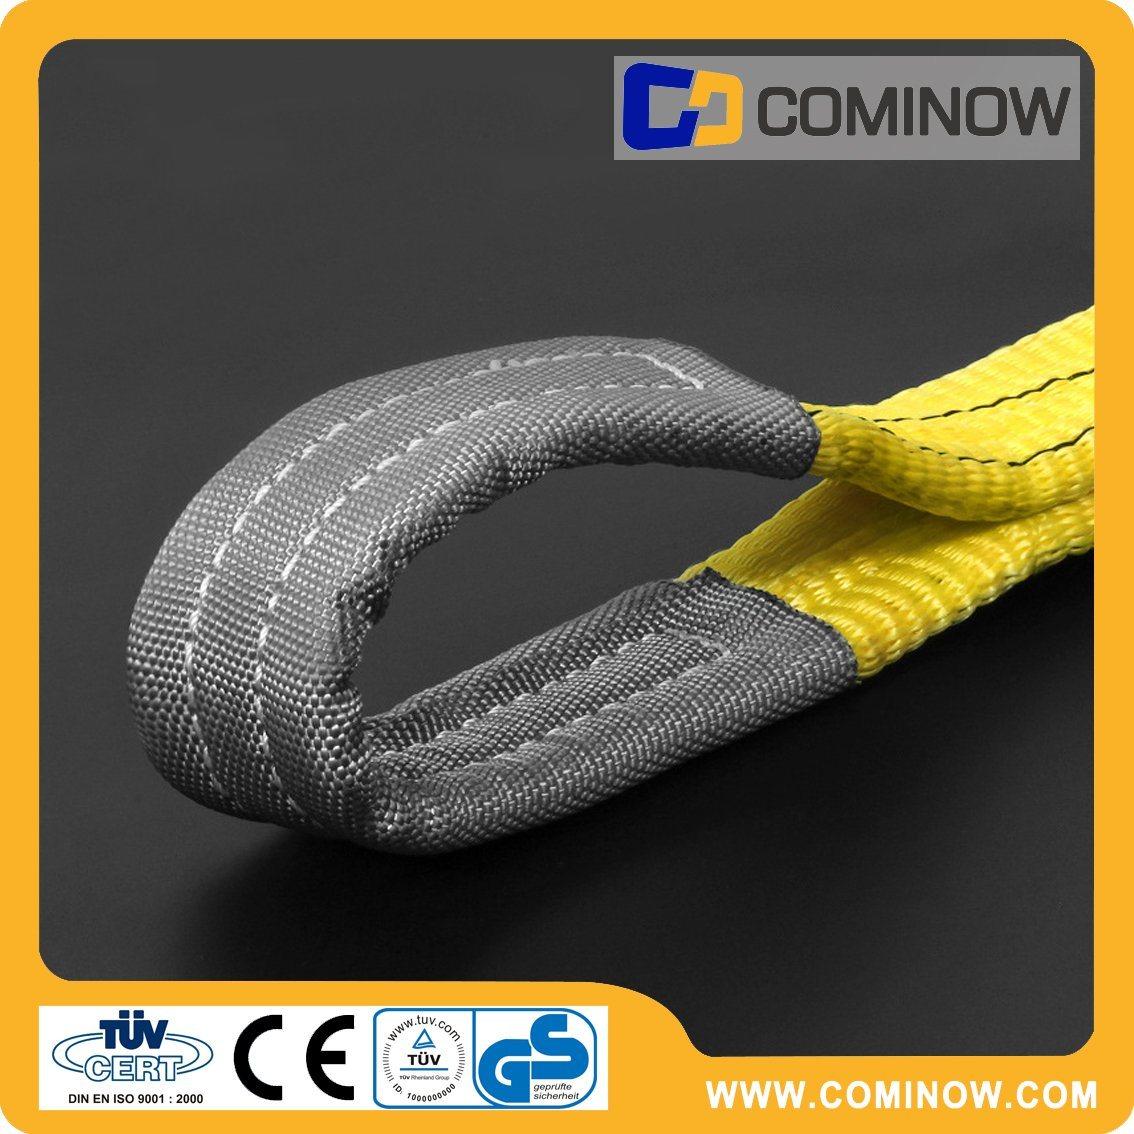 Polyester Flat Webbing Slings Double Ply Eye to Eye Type 3000kgs Yellow Color En1492-1